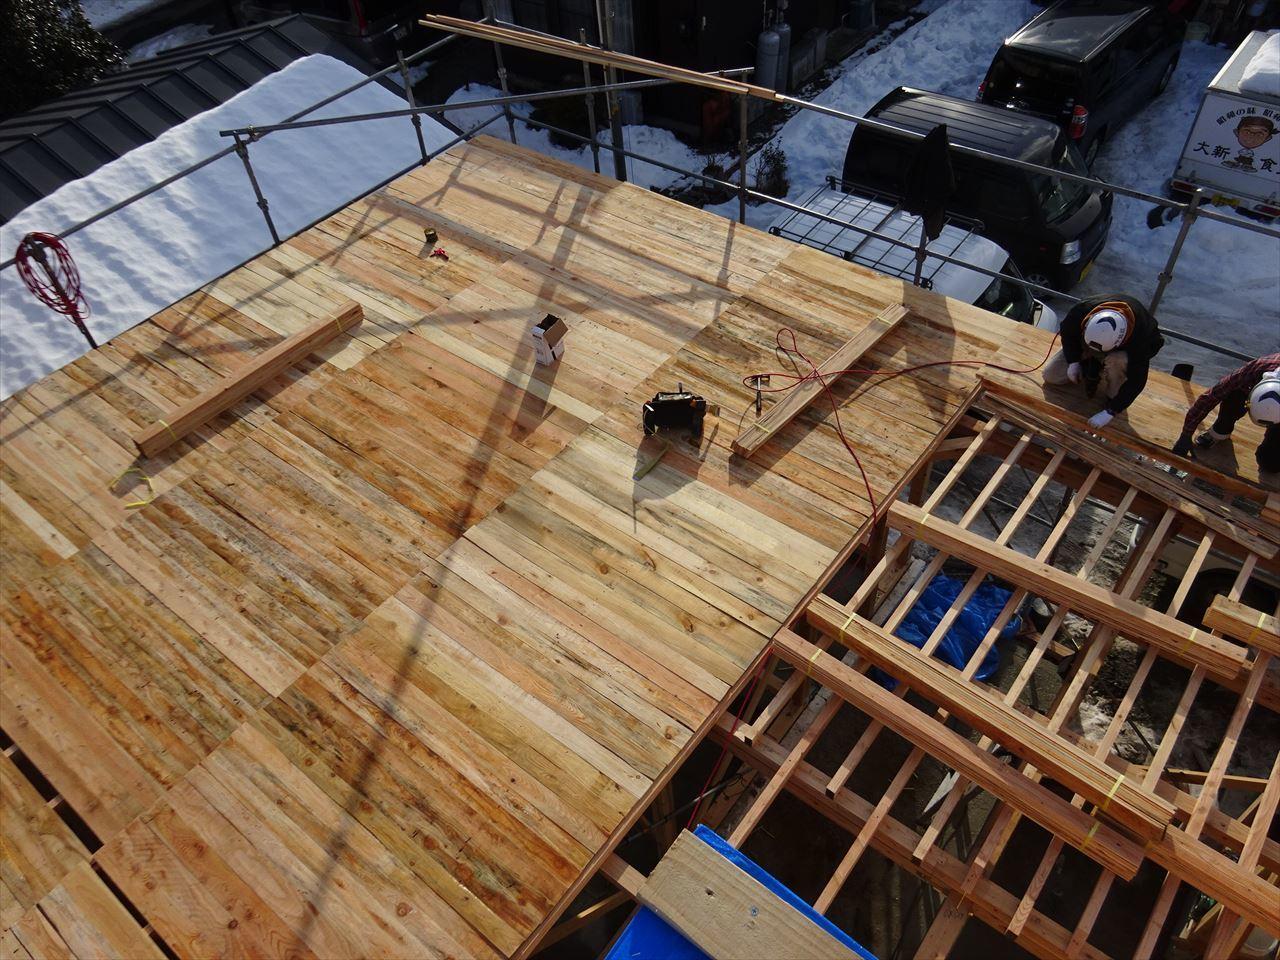 緑ヶ丘 アトリエのある家 建て方進行中!_f0105112_04110525.jpg